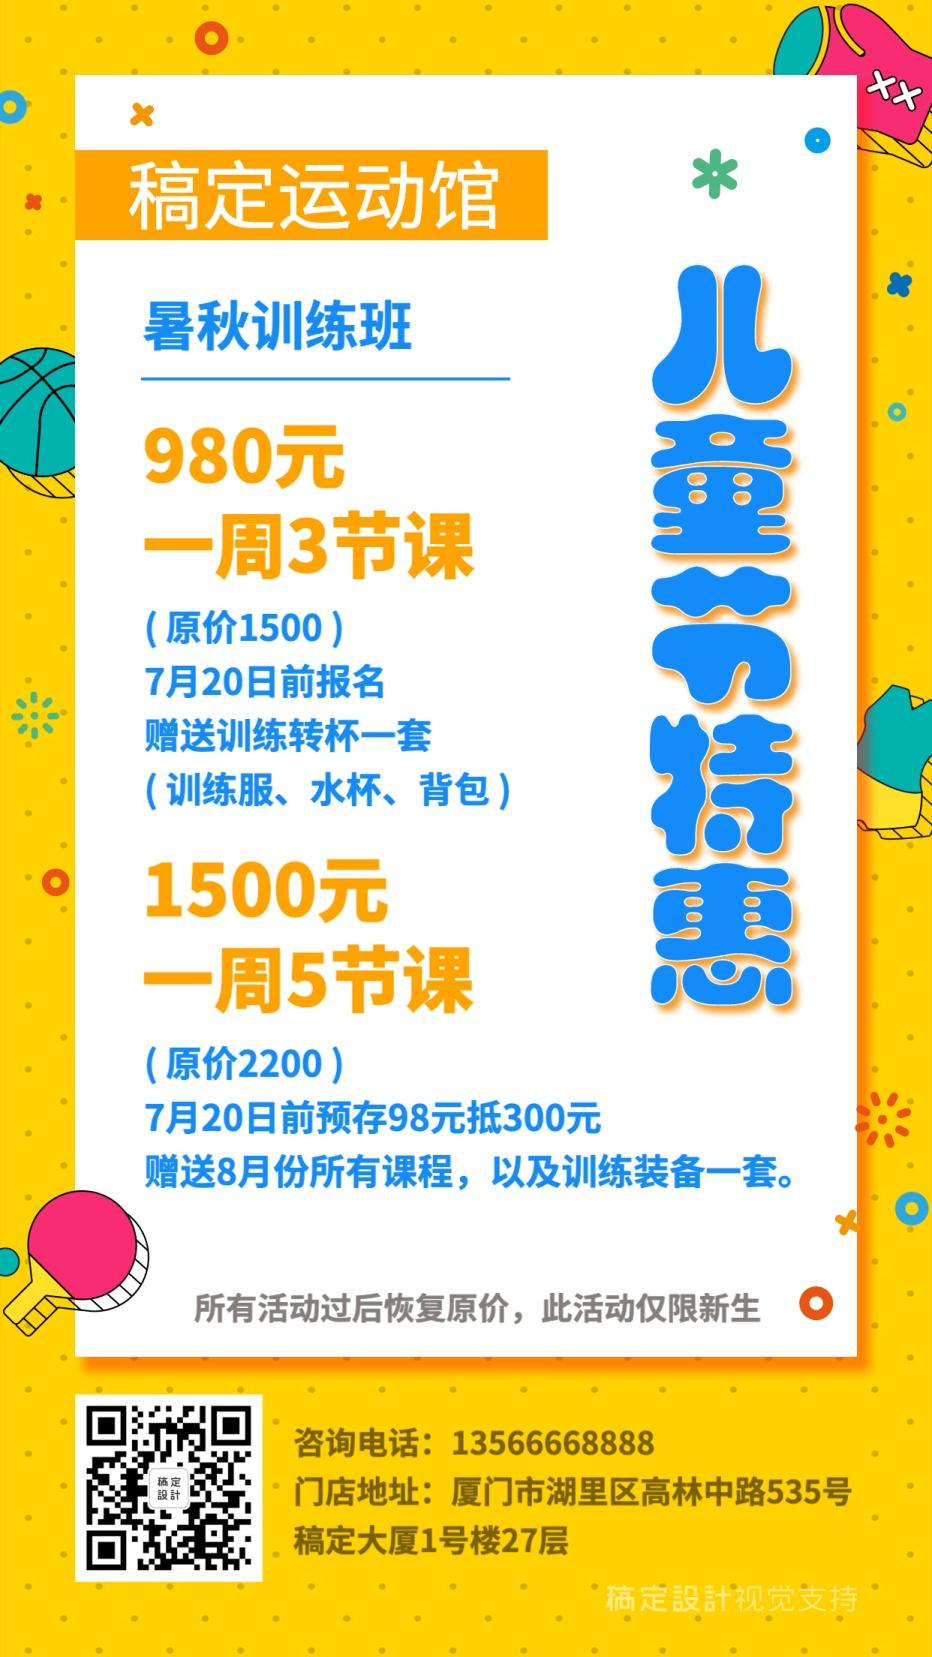 六一儿童节运动馆招生促销海报